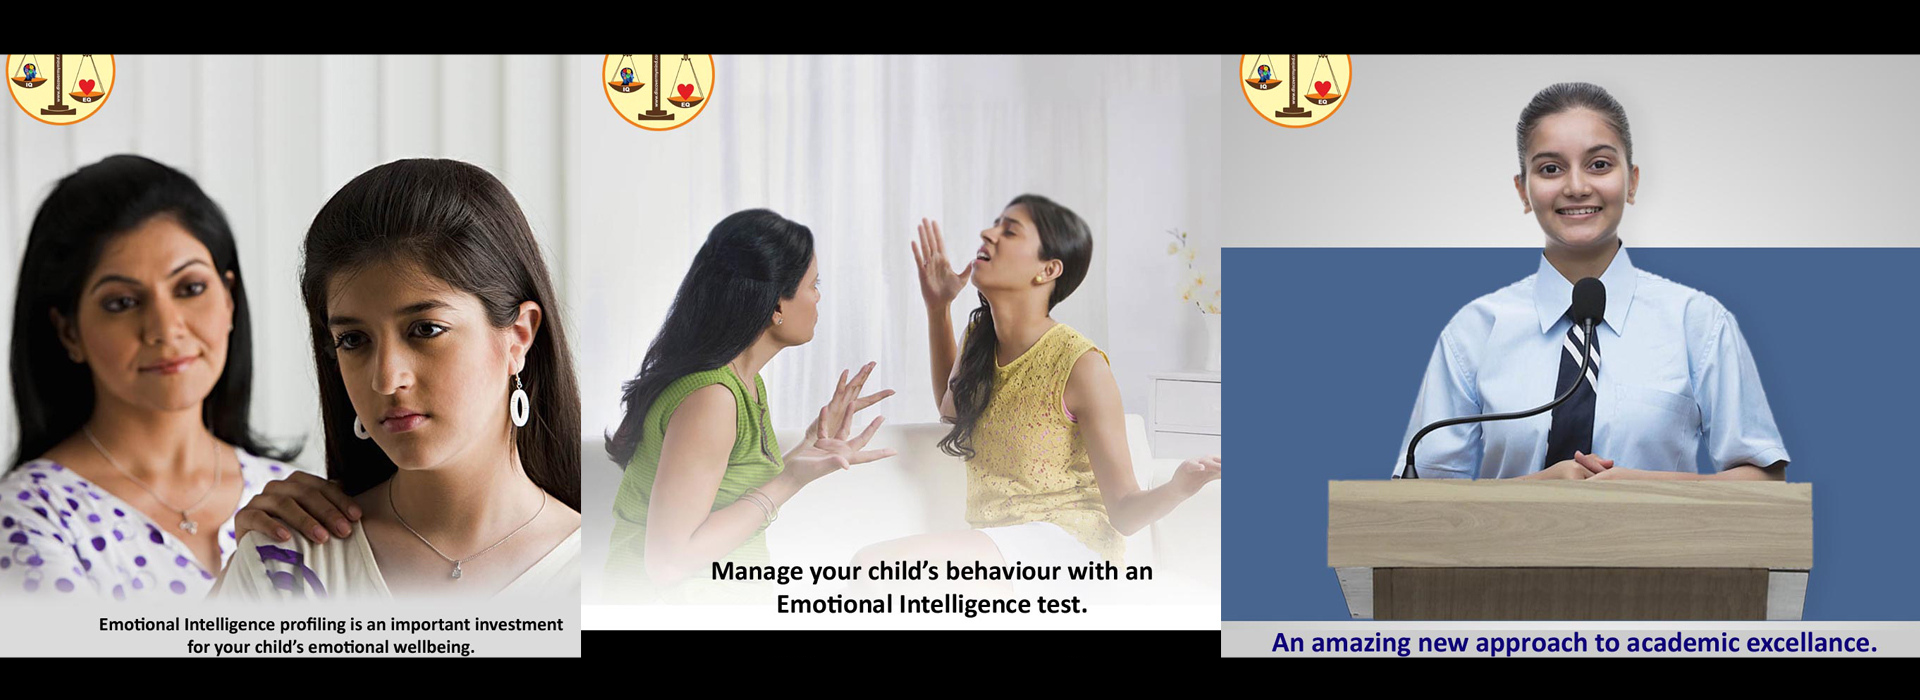 emotional intelligence images